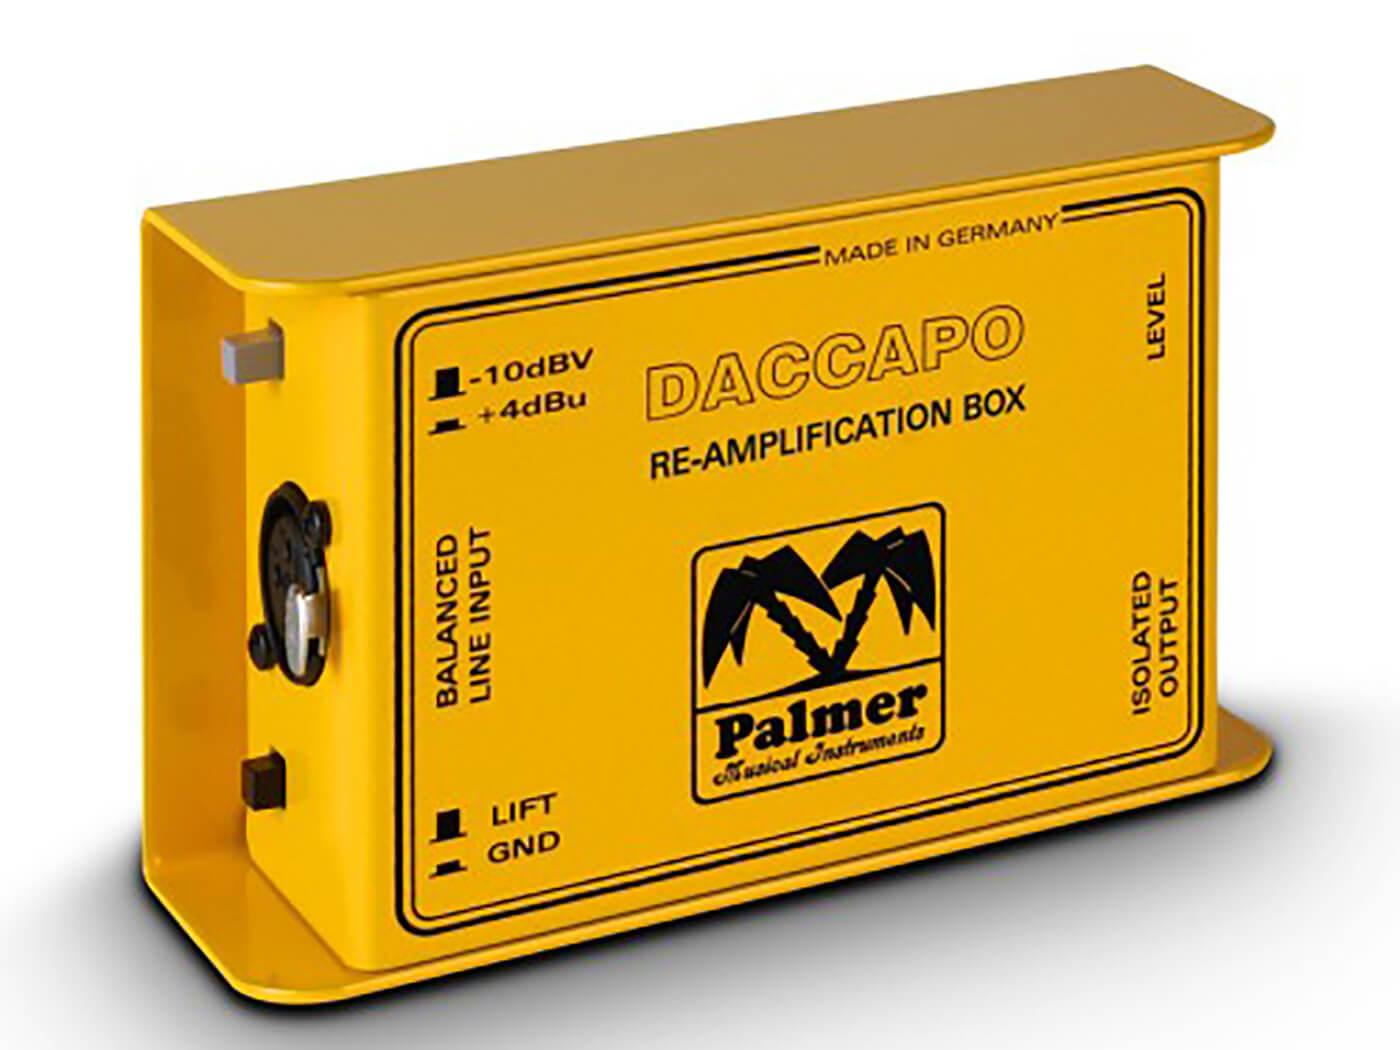 Palmer DACCAPO DI Box